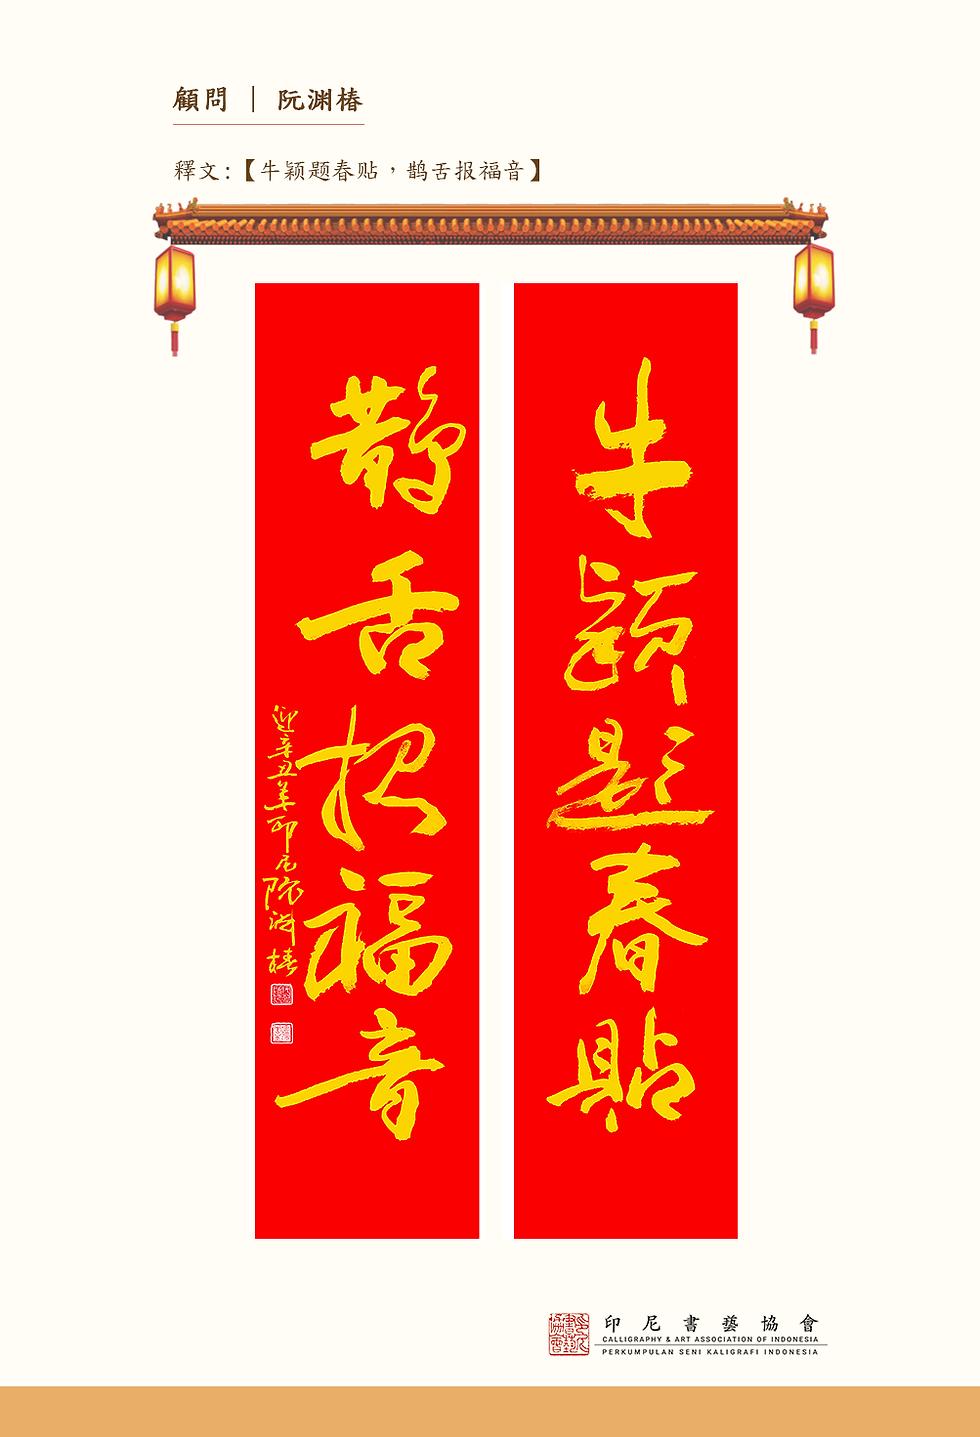 18-阮渊椿.png